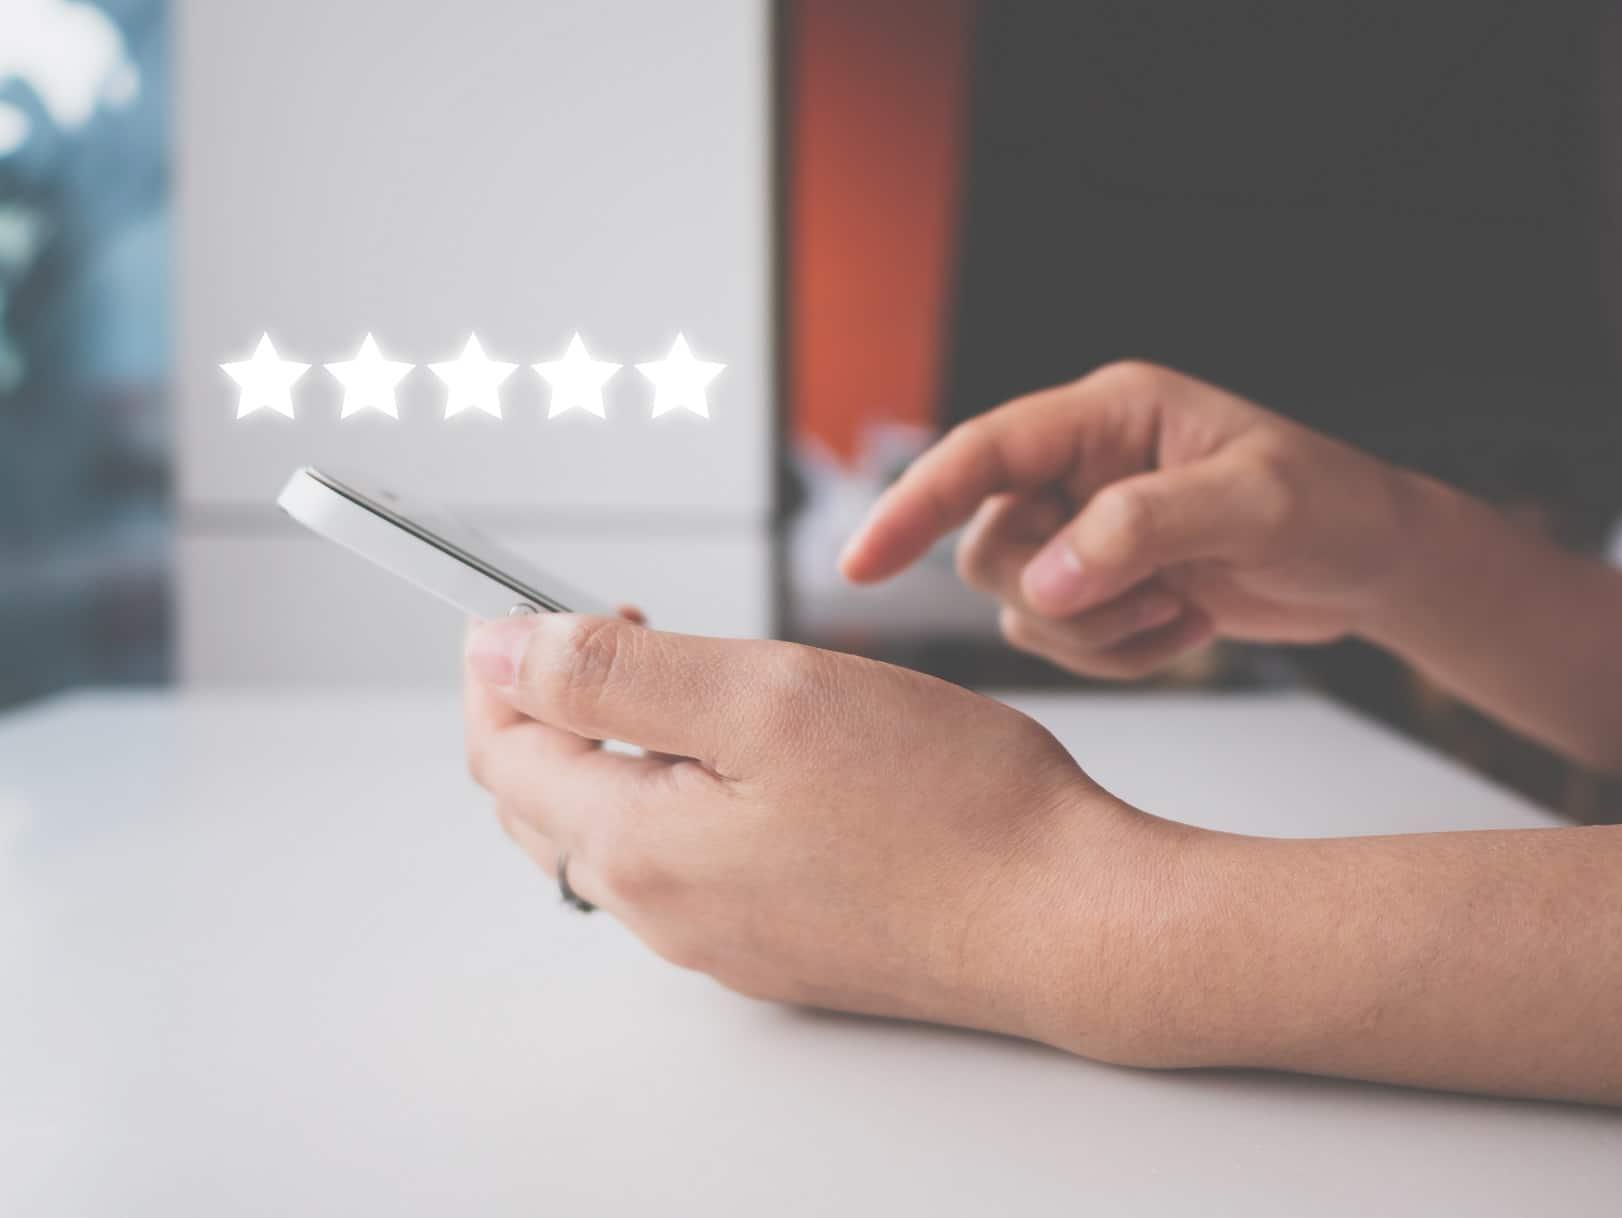 עוד כוכב אחד: 5 דרכים פשוטות להשיג עוד המלצות מלקוחות